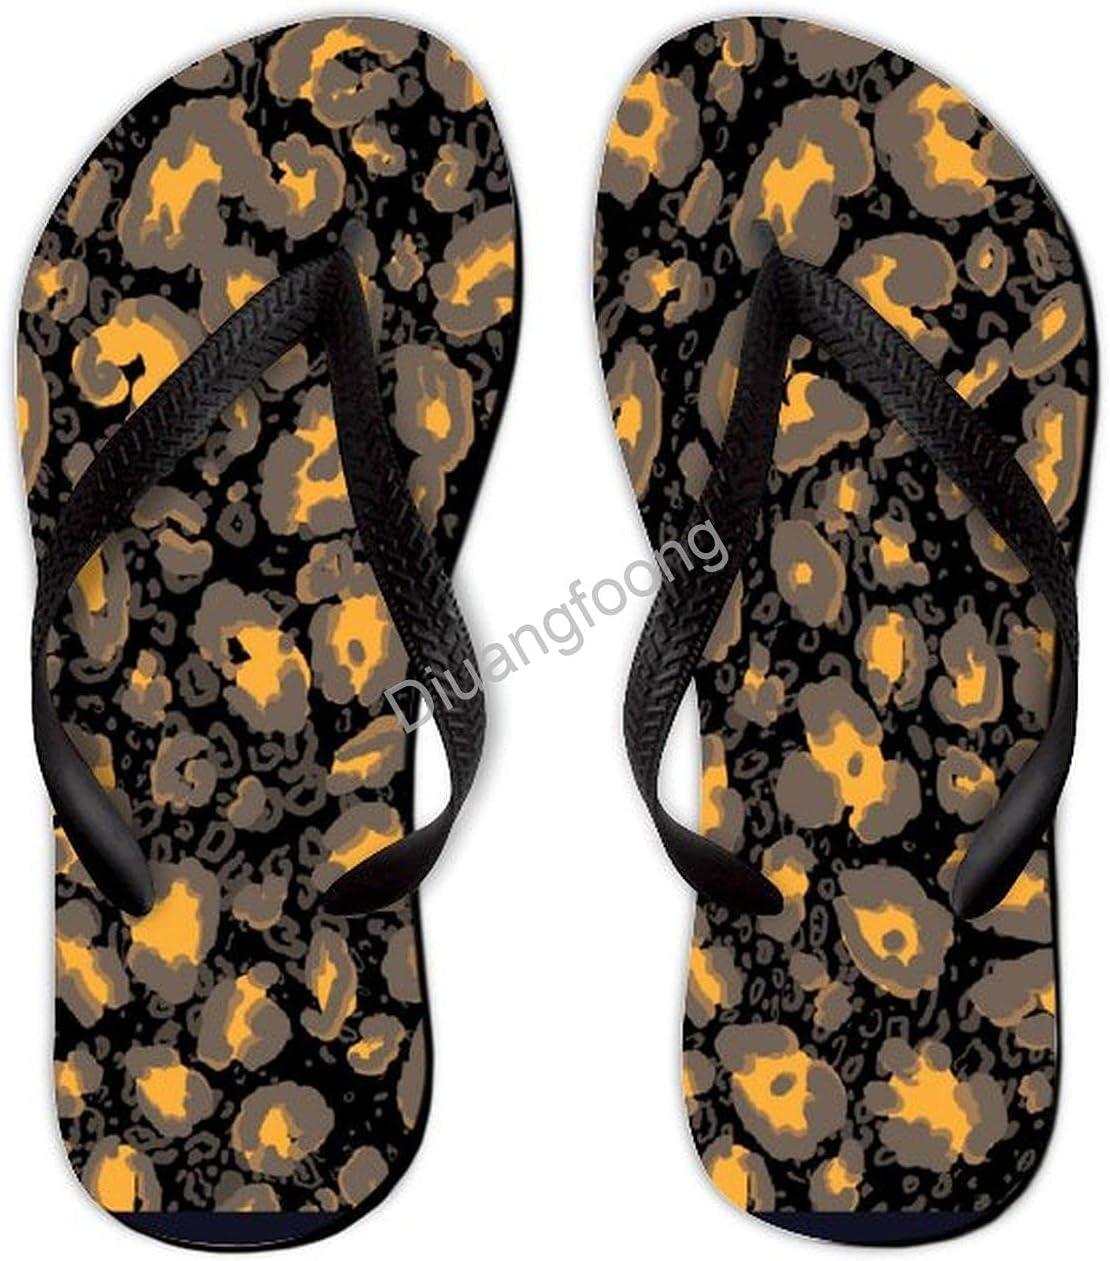 Leopard Flip Flop Beach Unique Thong Sandal Eva Sandal For Home Bathroom Party Black-Style3